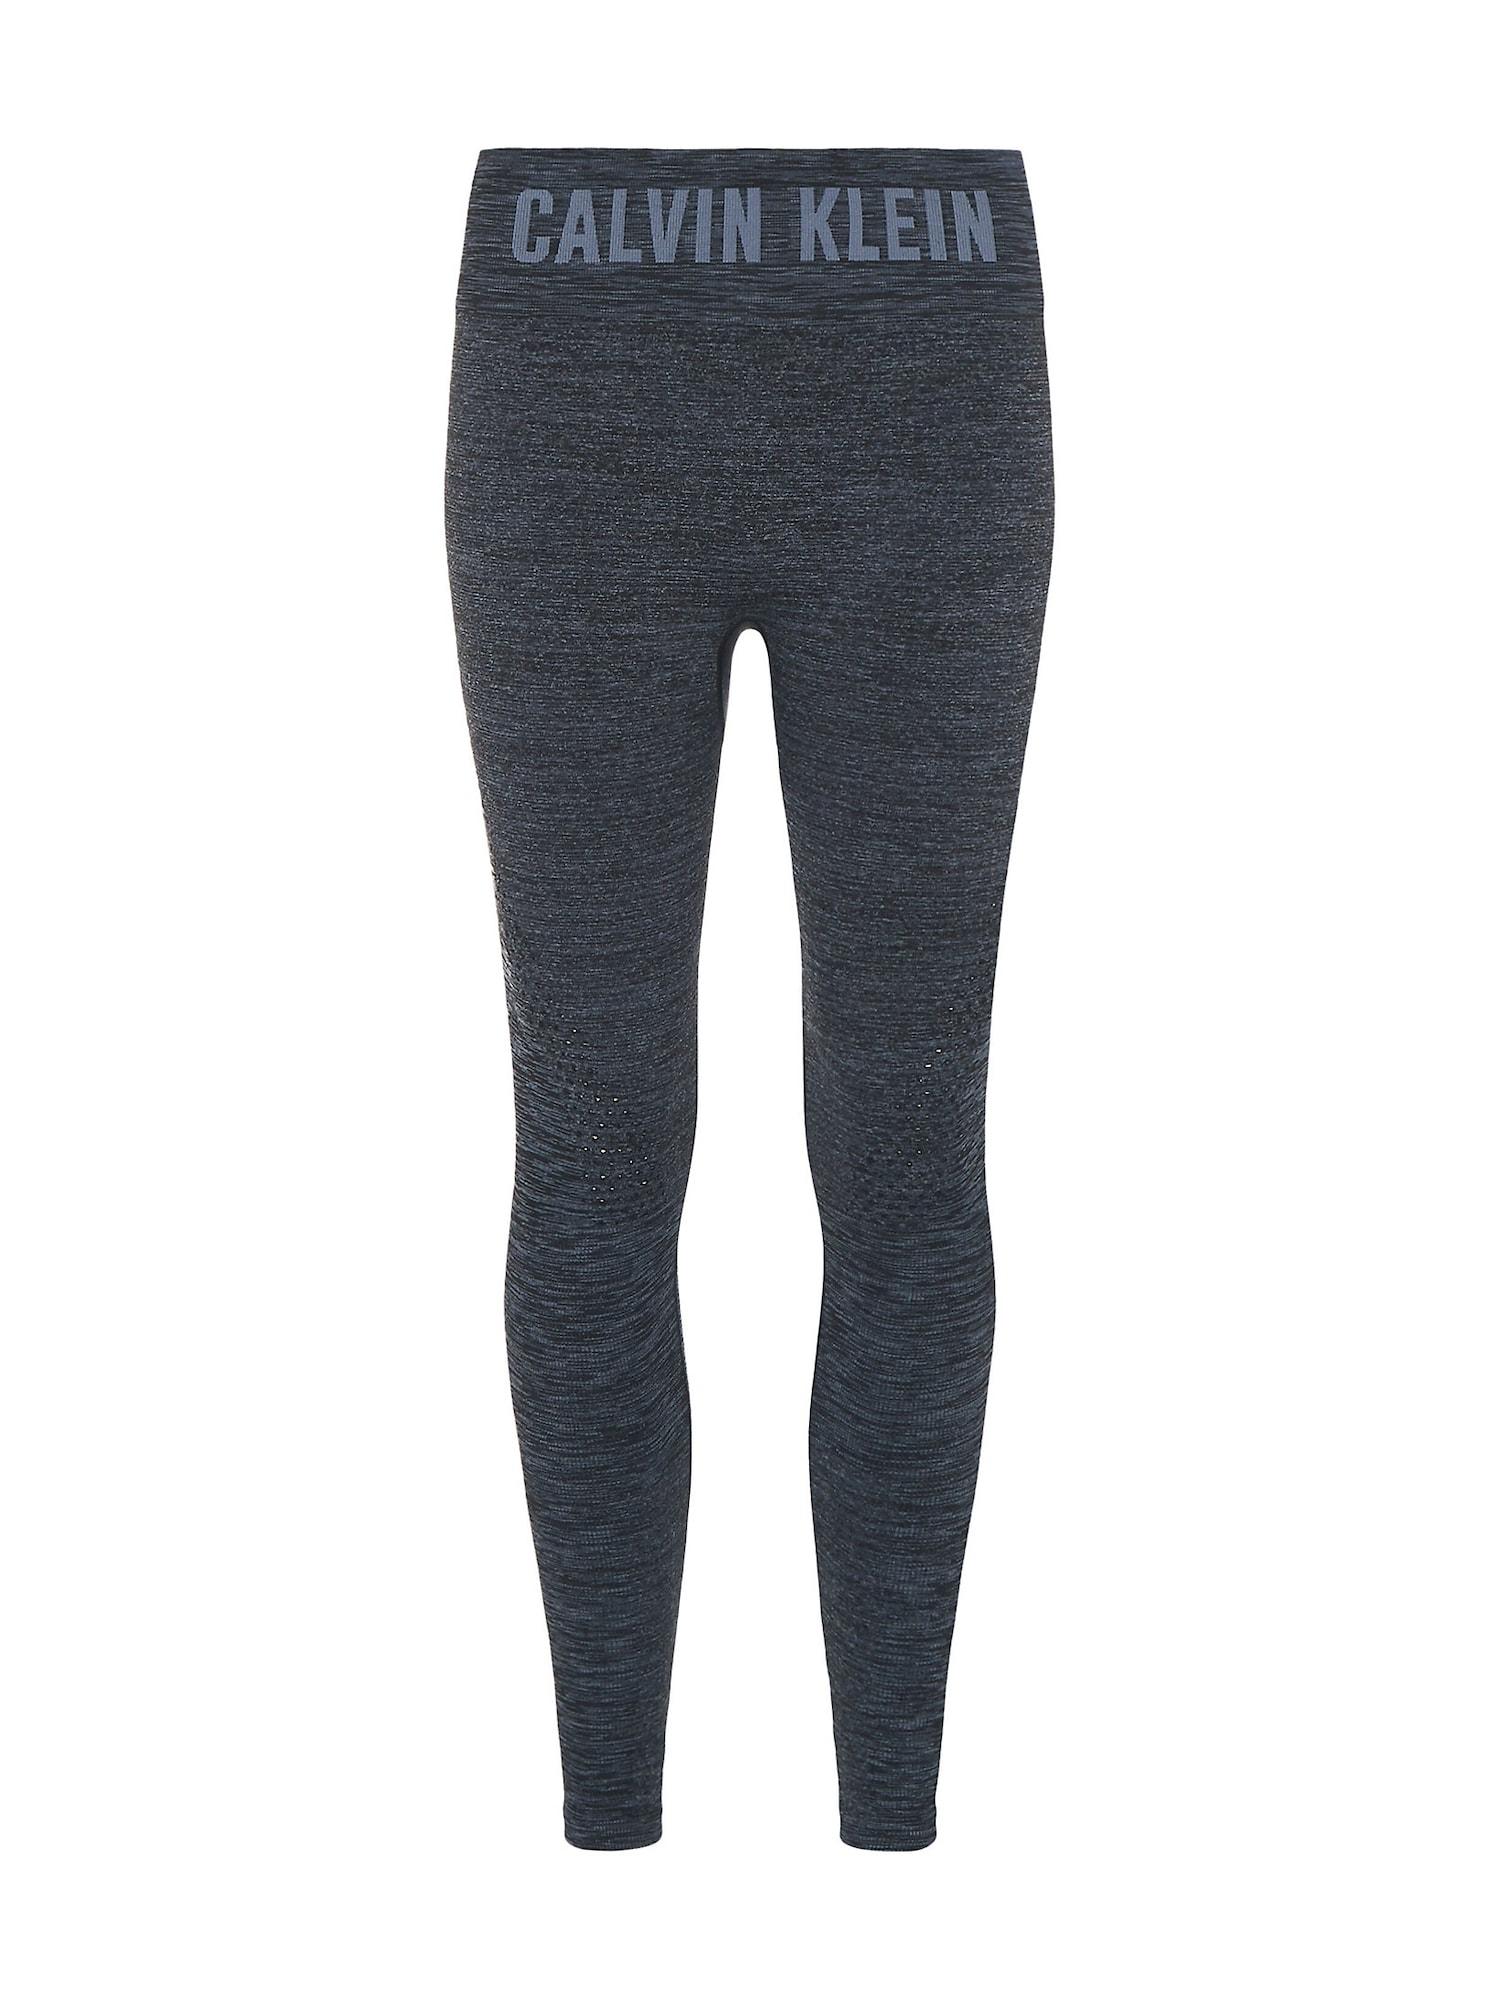 Calvin Klein Performance Sportinės kelnės juoda / margai pilka